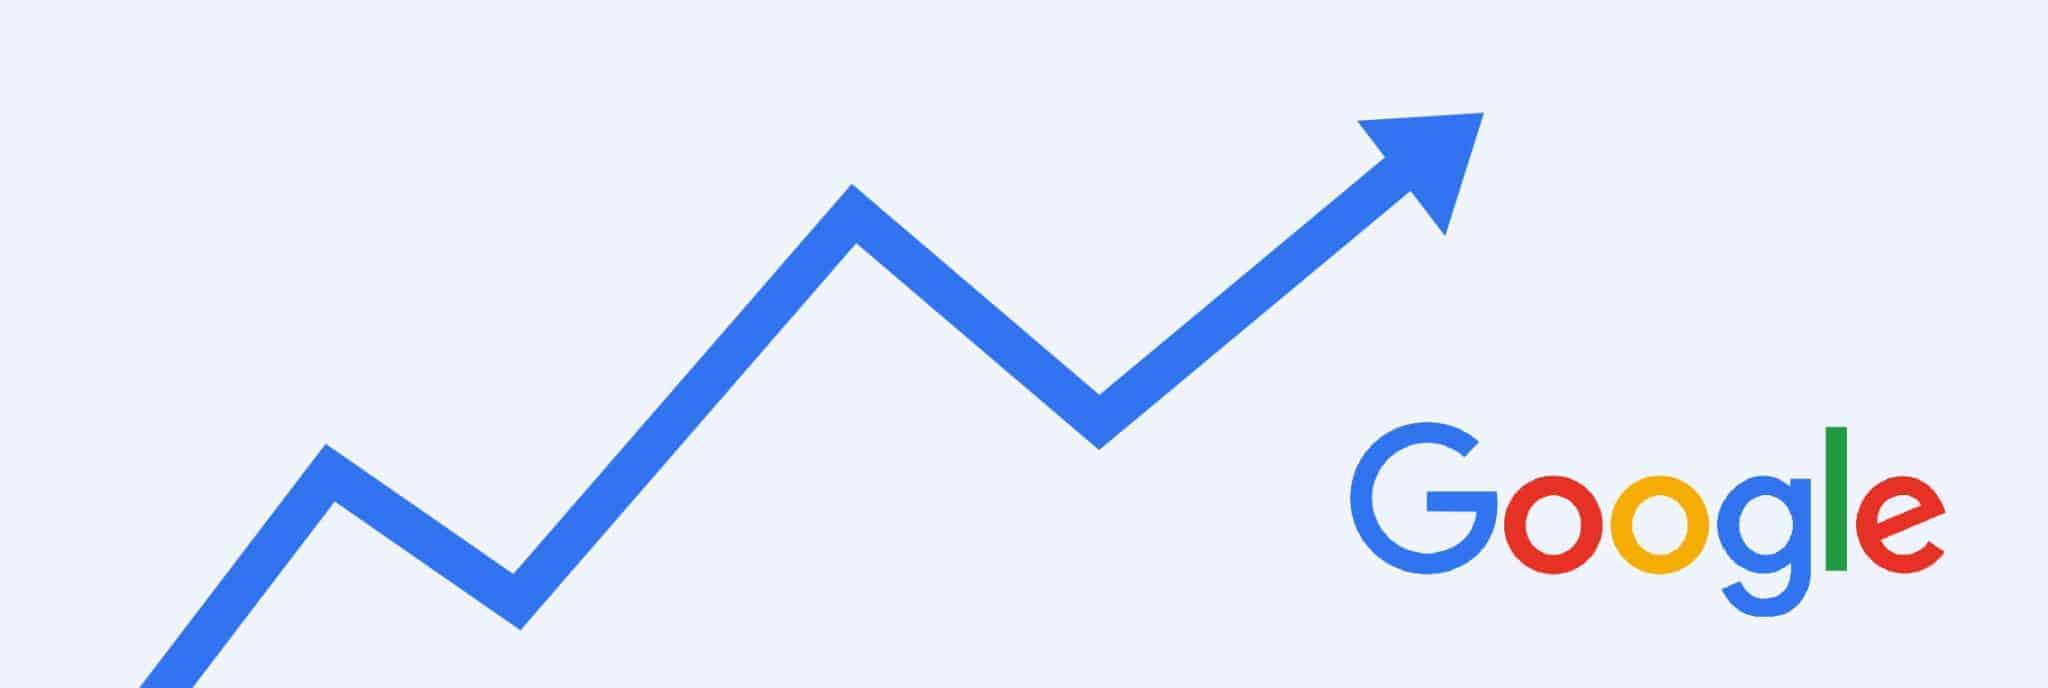 Référencer un site en premiére position sur les résultats Google